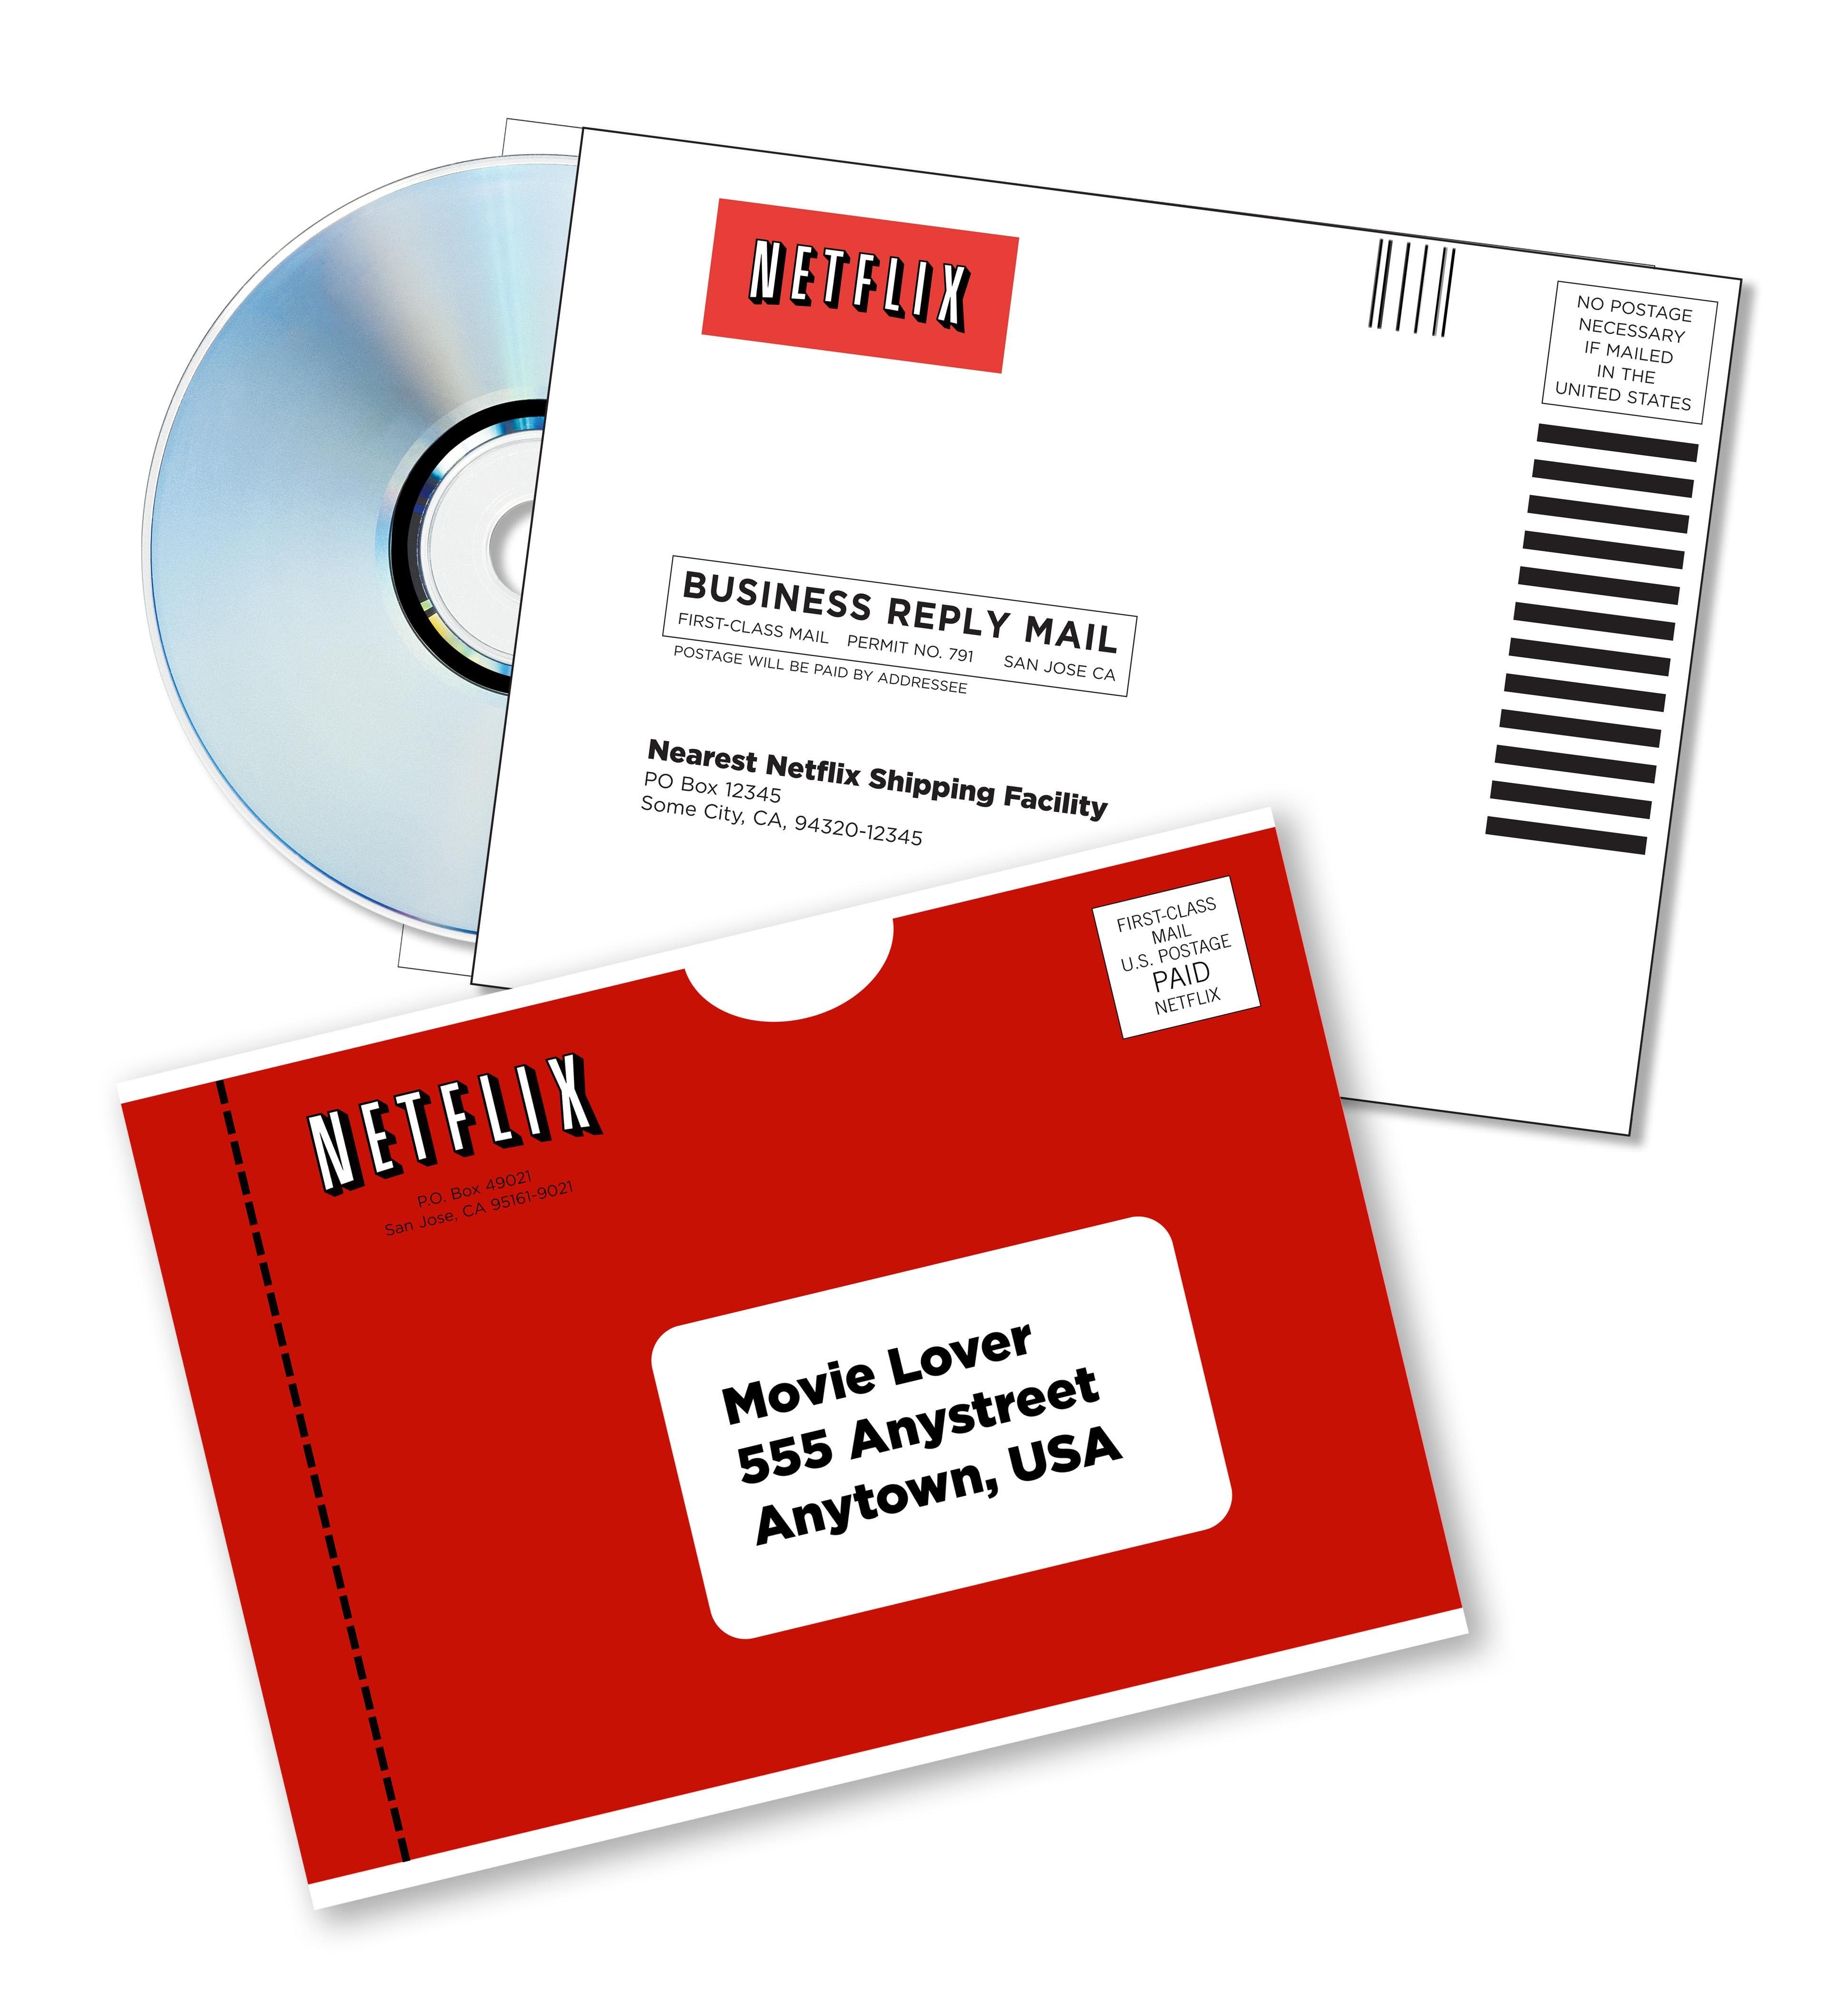 Netflix - Wikipedia